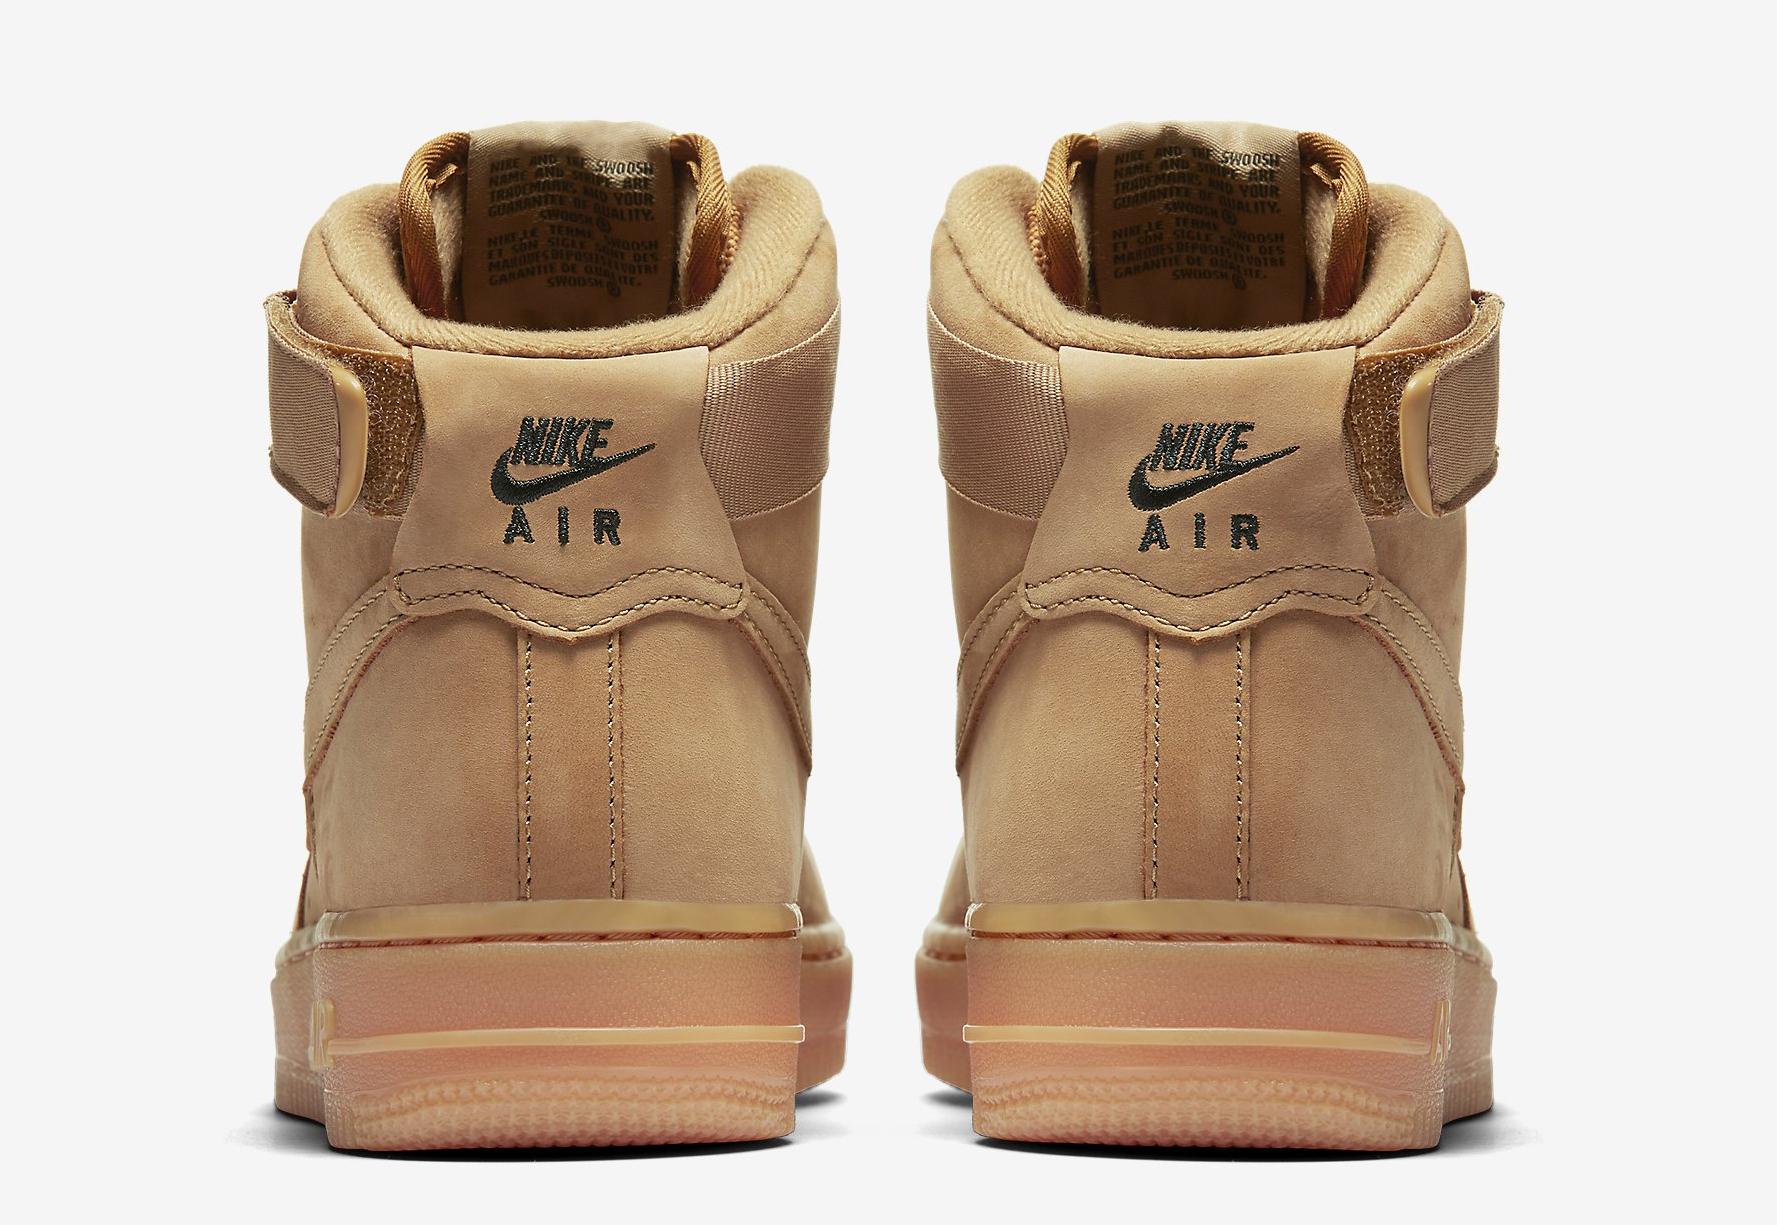 Image via Nike Wheat Nike Air Force 1 654440-200 Heel 19d51ddfd